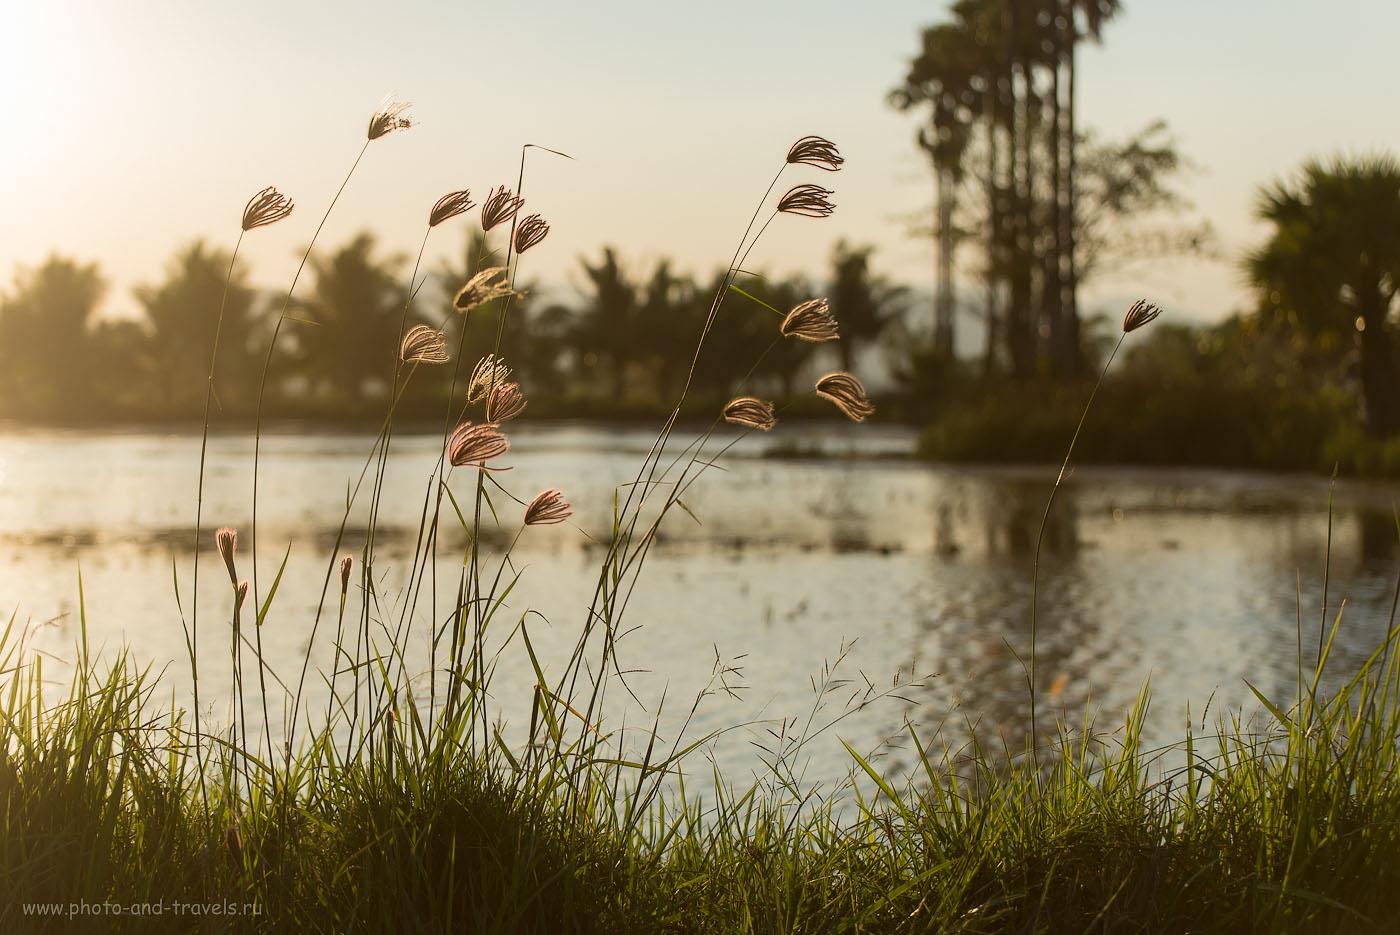 Фотография 2. Кто не любит фотографировать в контровом закатном свете? Красоты Тайланда. Окрестности города Хуа Хин (200, 70, 4.5, 1/1600)